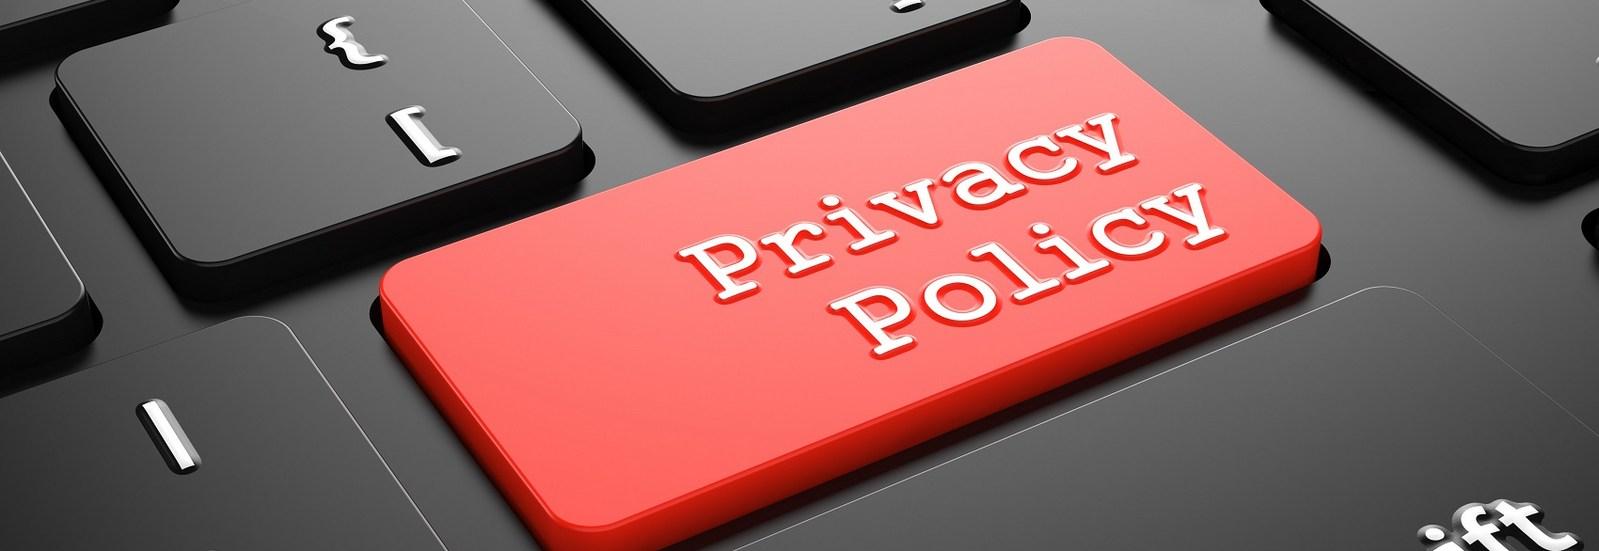 Privacy Policy >> Apa Itu Privacy Policy Dan Bagaimana Cara Membuat Halaman